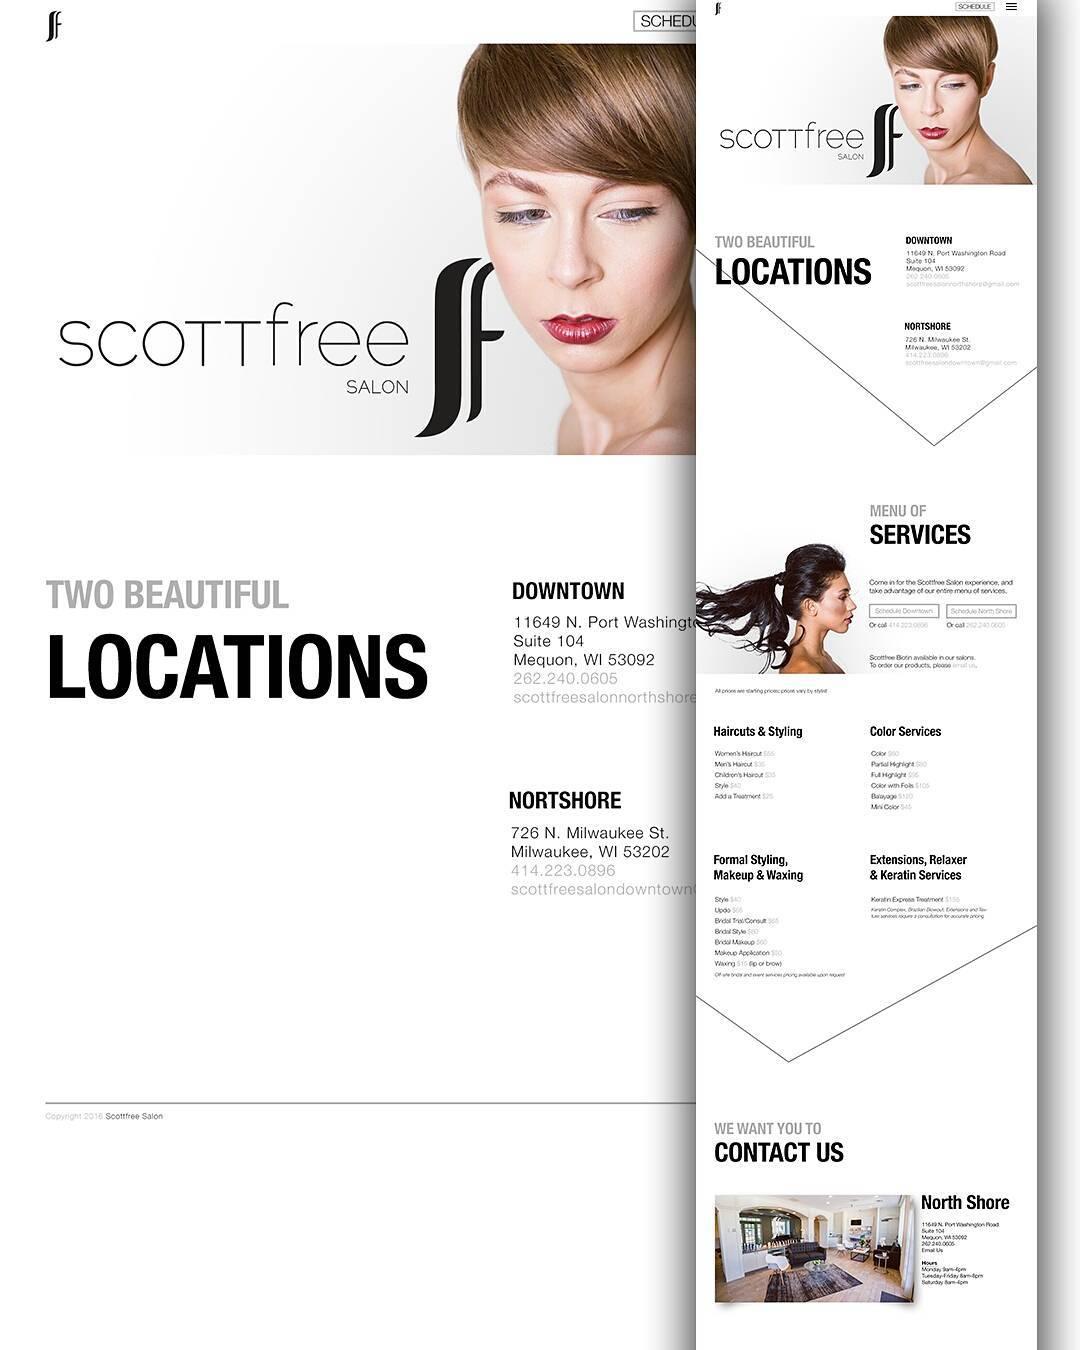 Scottfree3